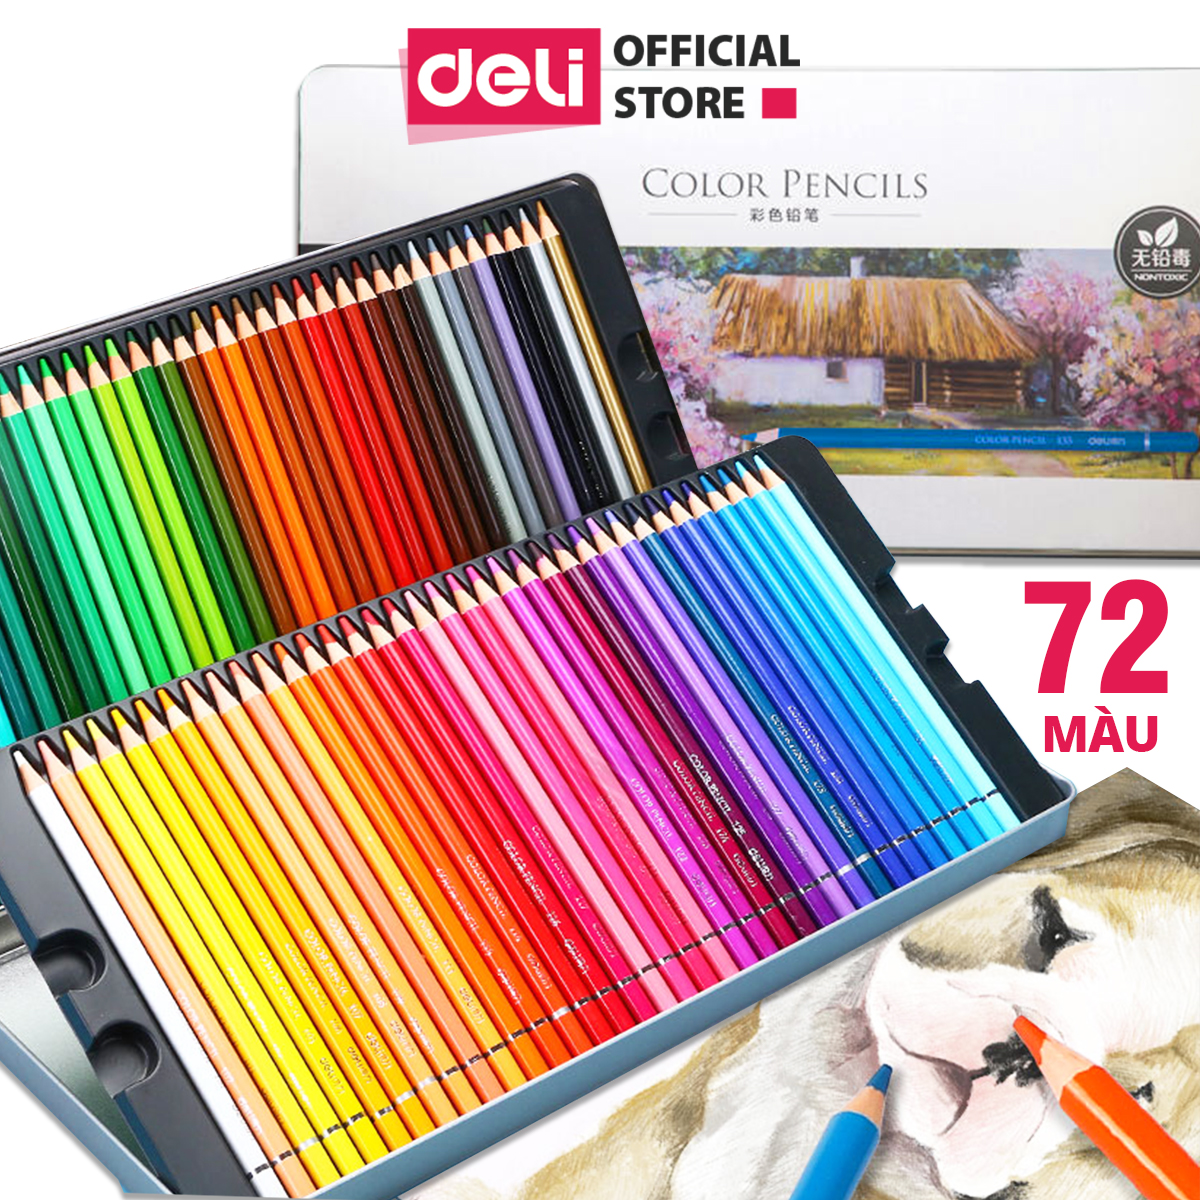 Bút chì màu gốc dầu hộp thiếc cao cấp Deli - 24/36/48/72 màu - màu chì khô, tươi sáng, có...